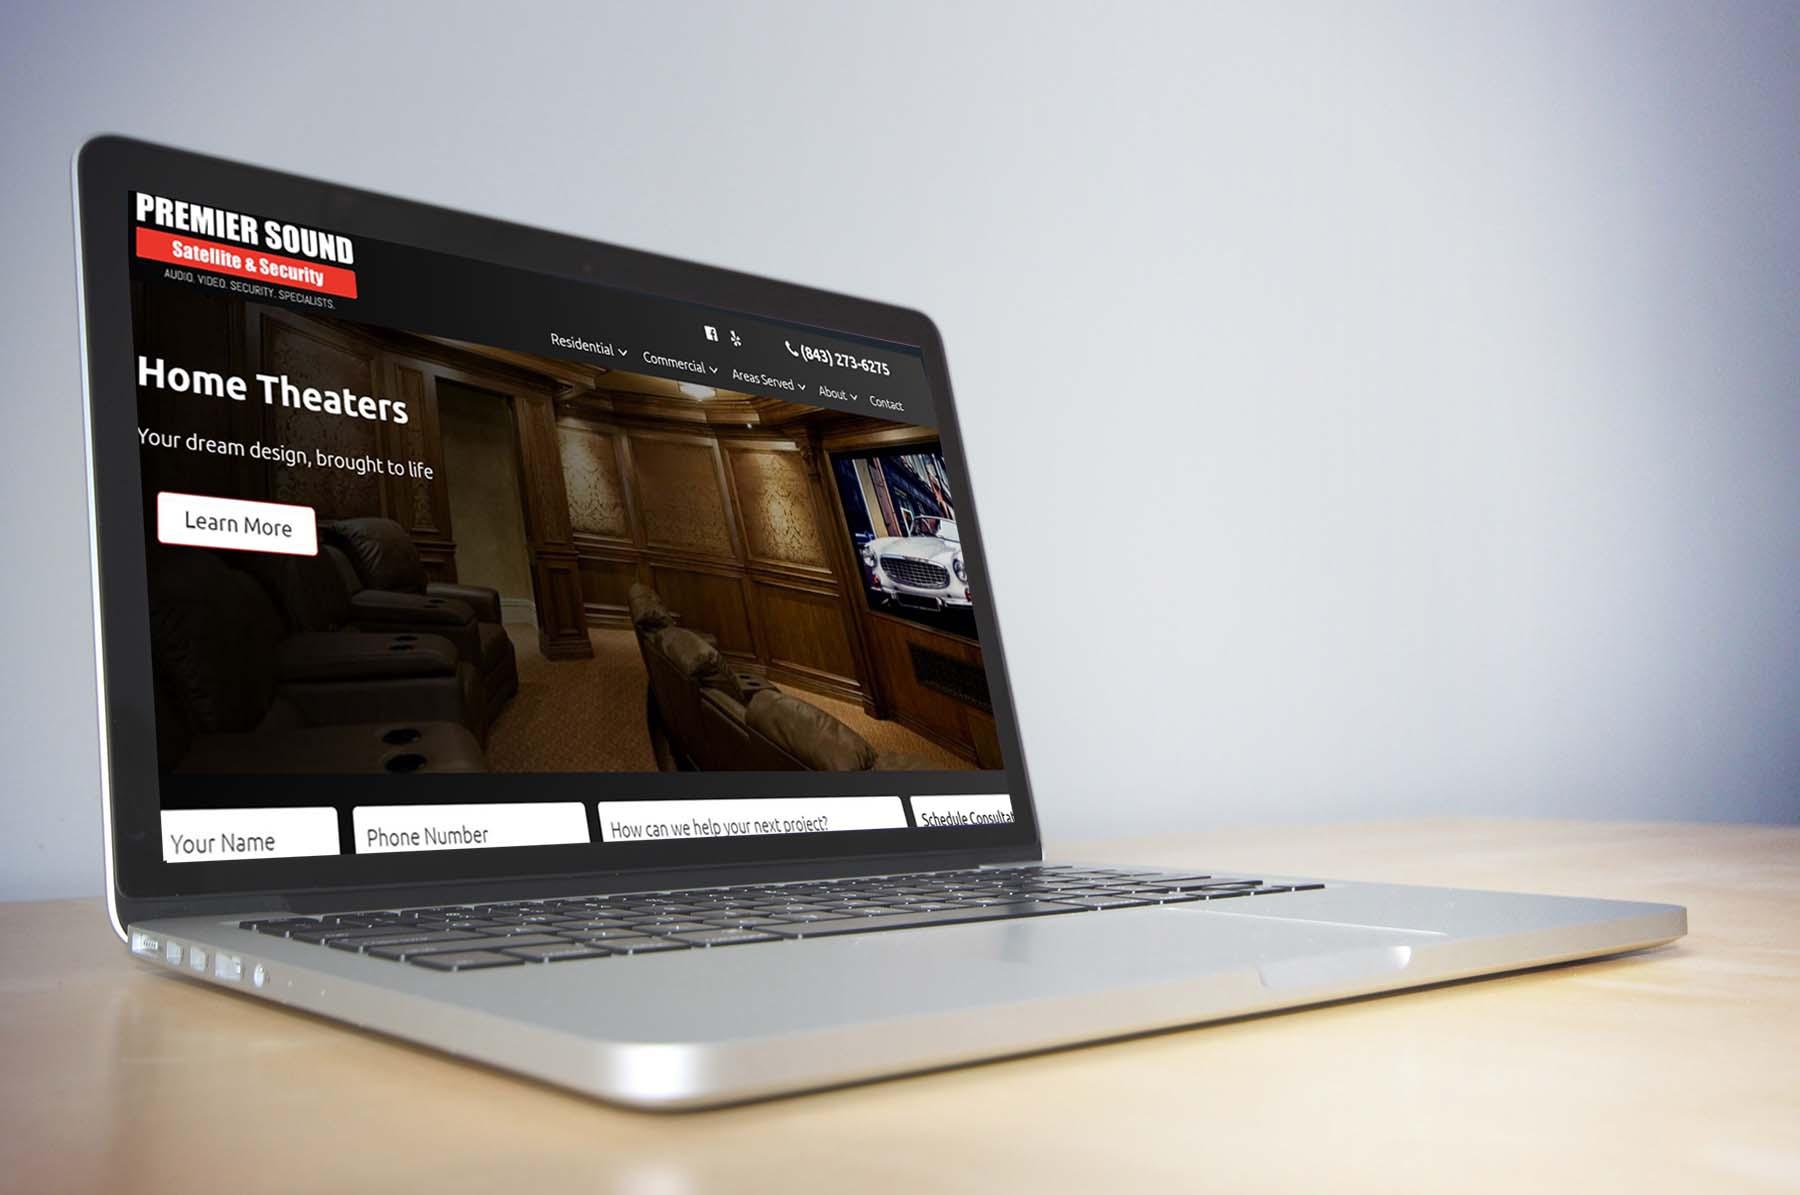 Premier Sound laptop